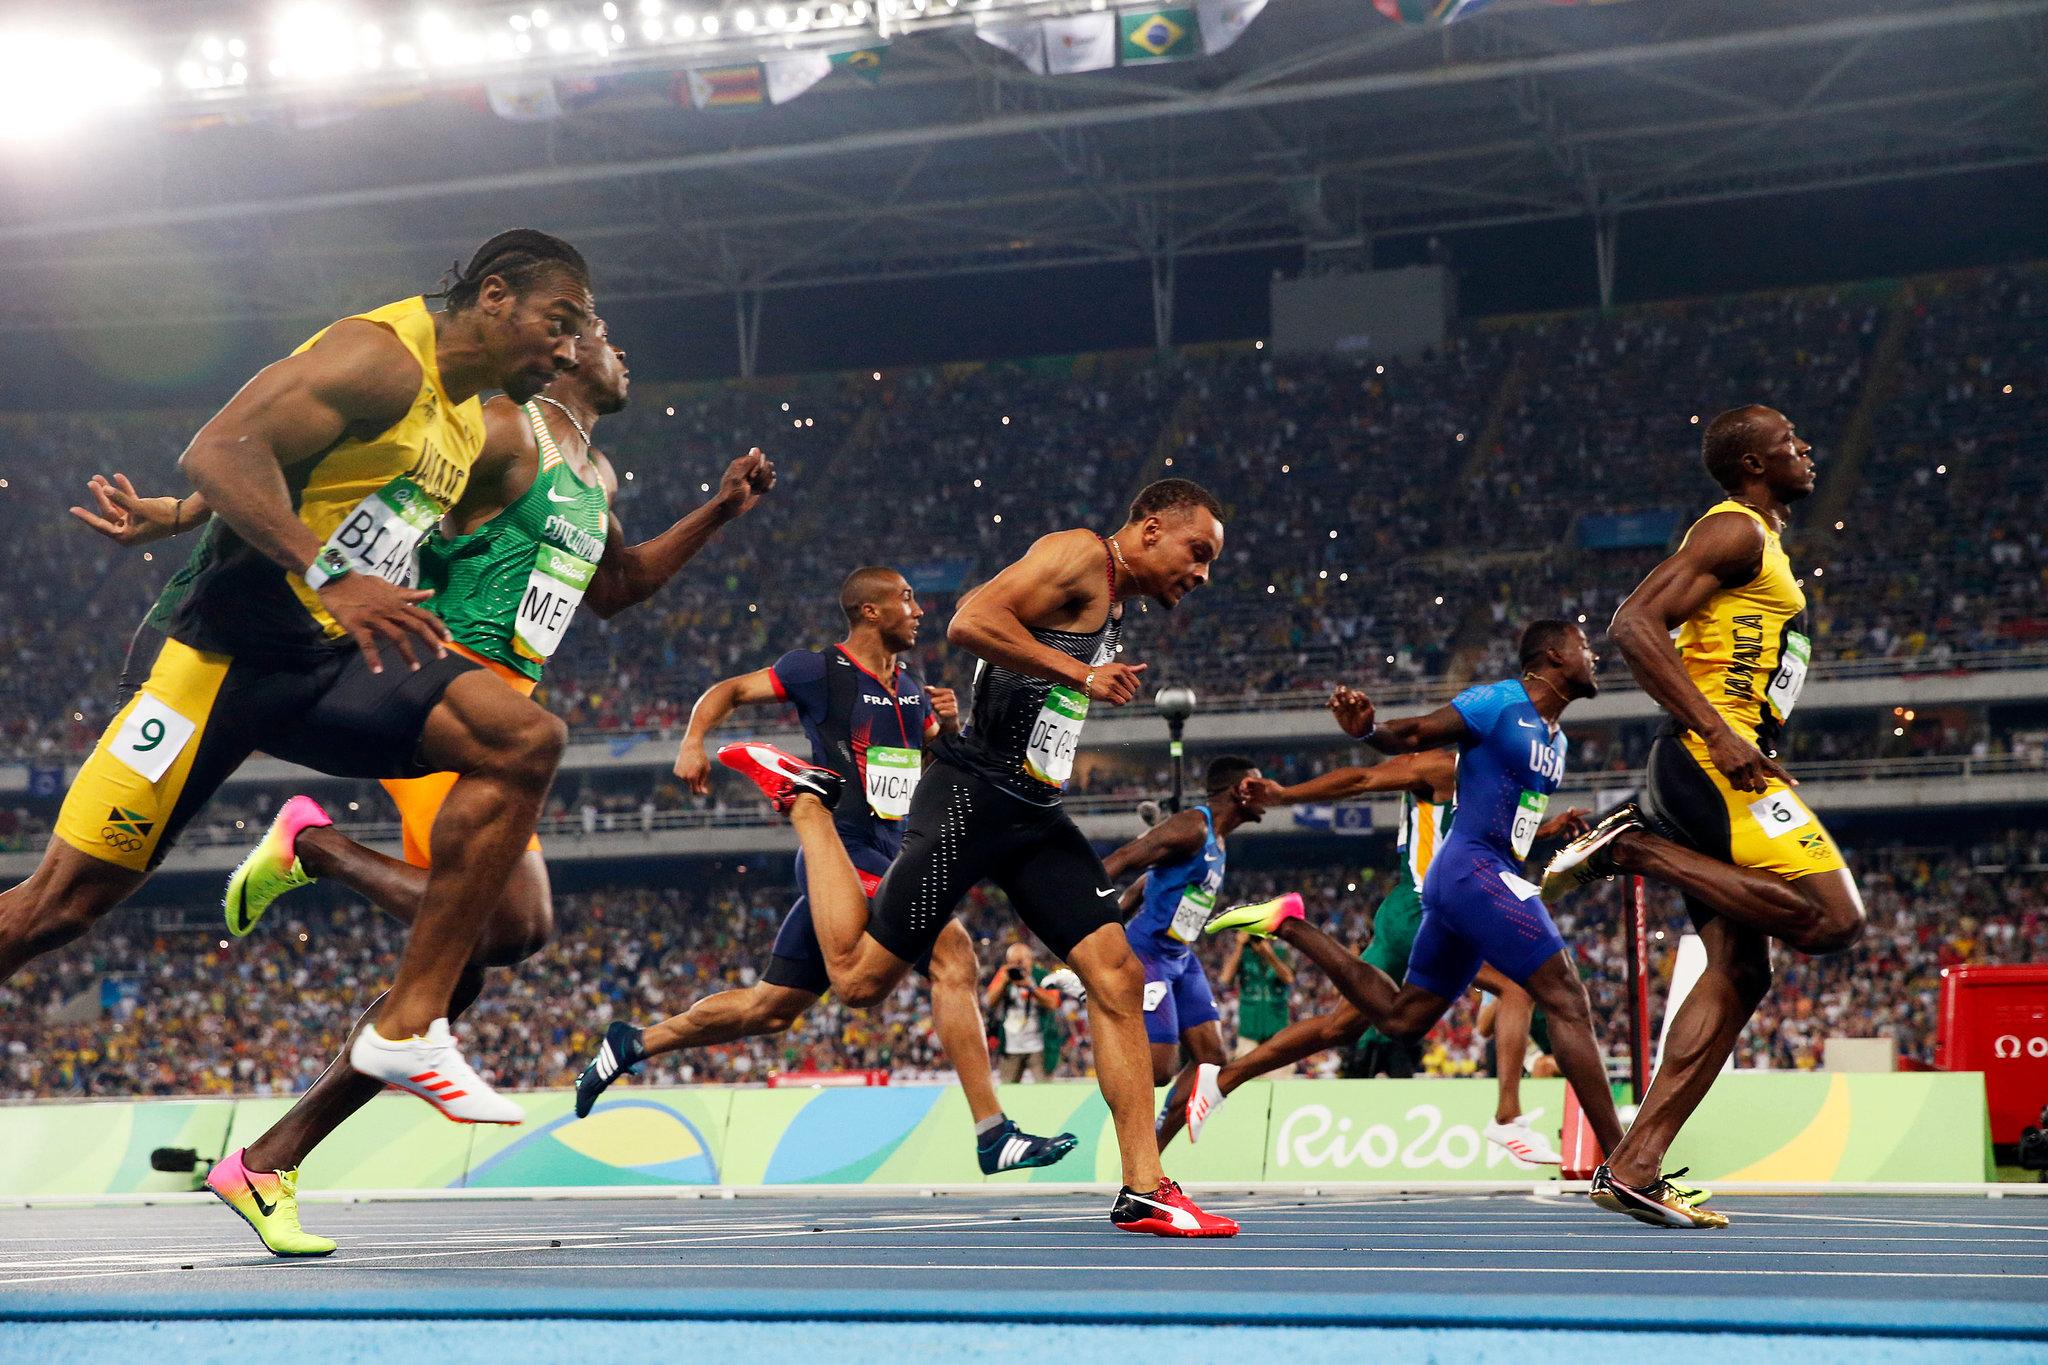 Les choses sont claires… la plus grande star présente à Rio 2016 est restée le roi du 100 mètres